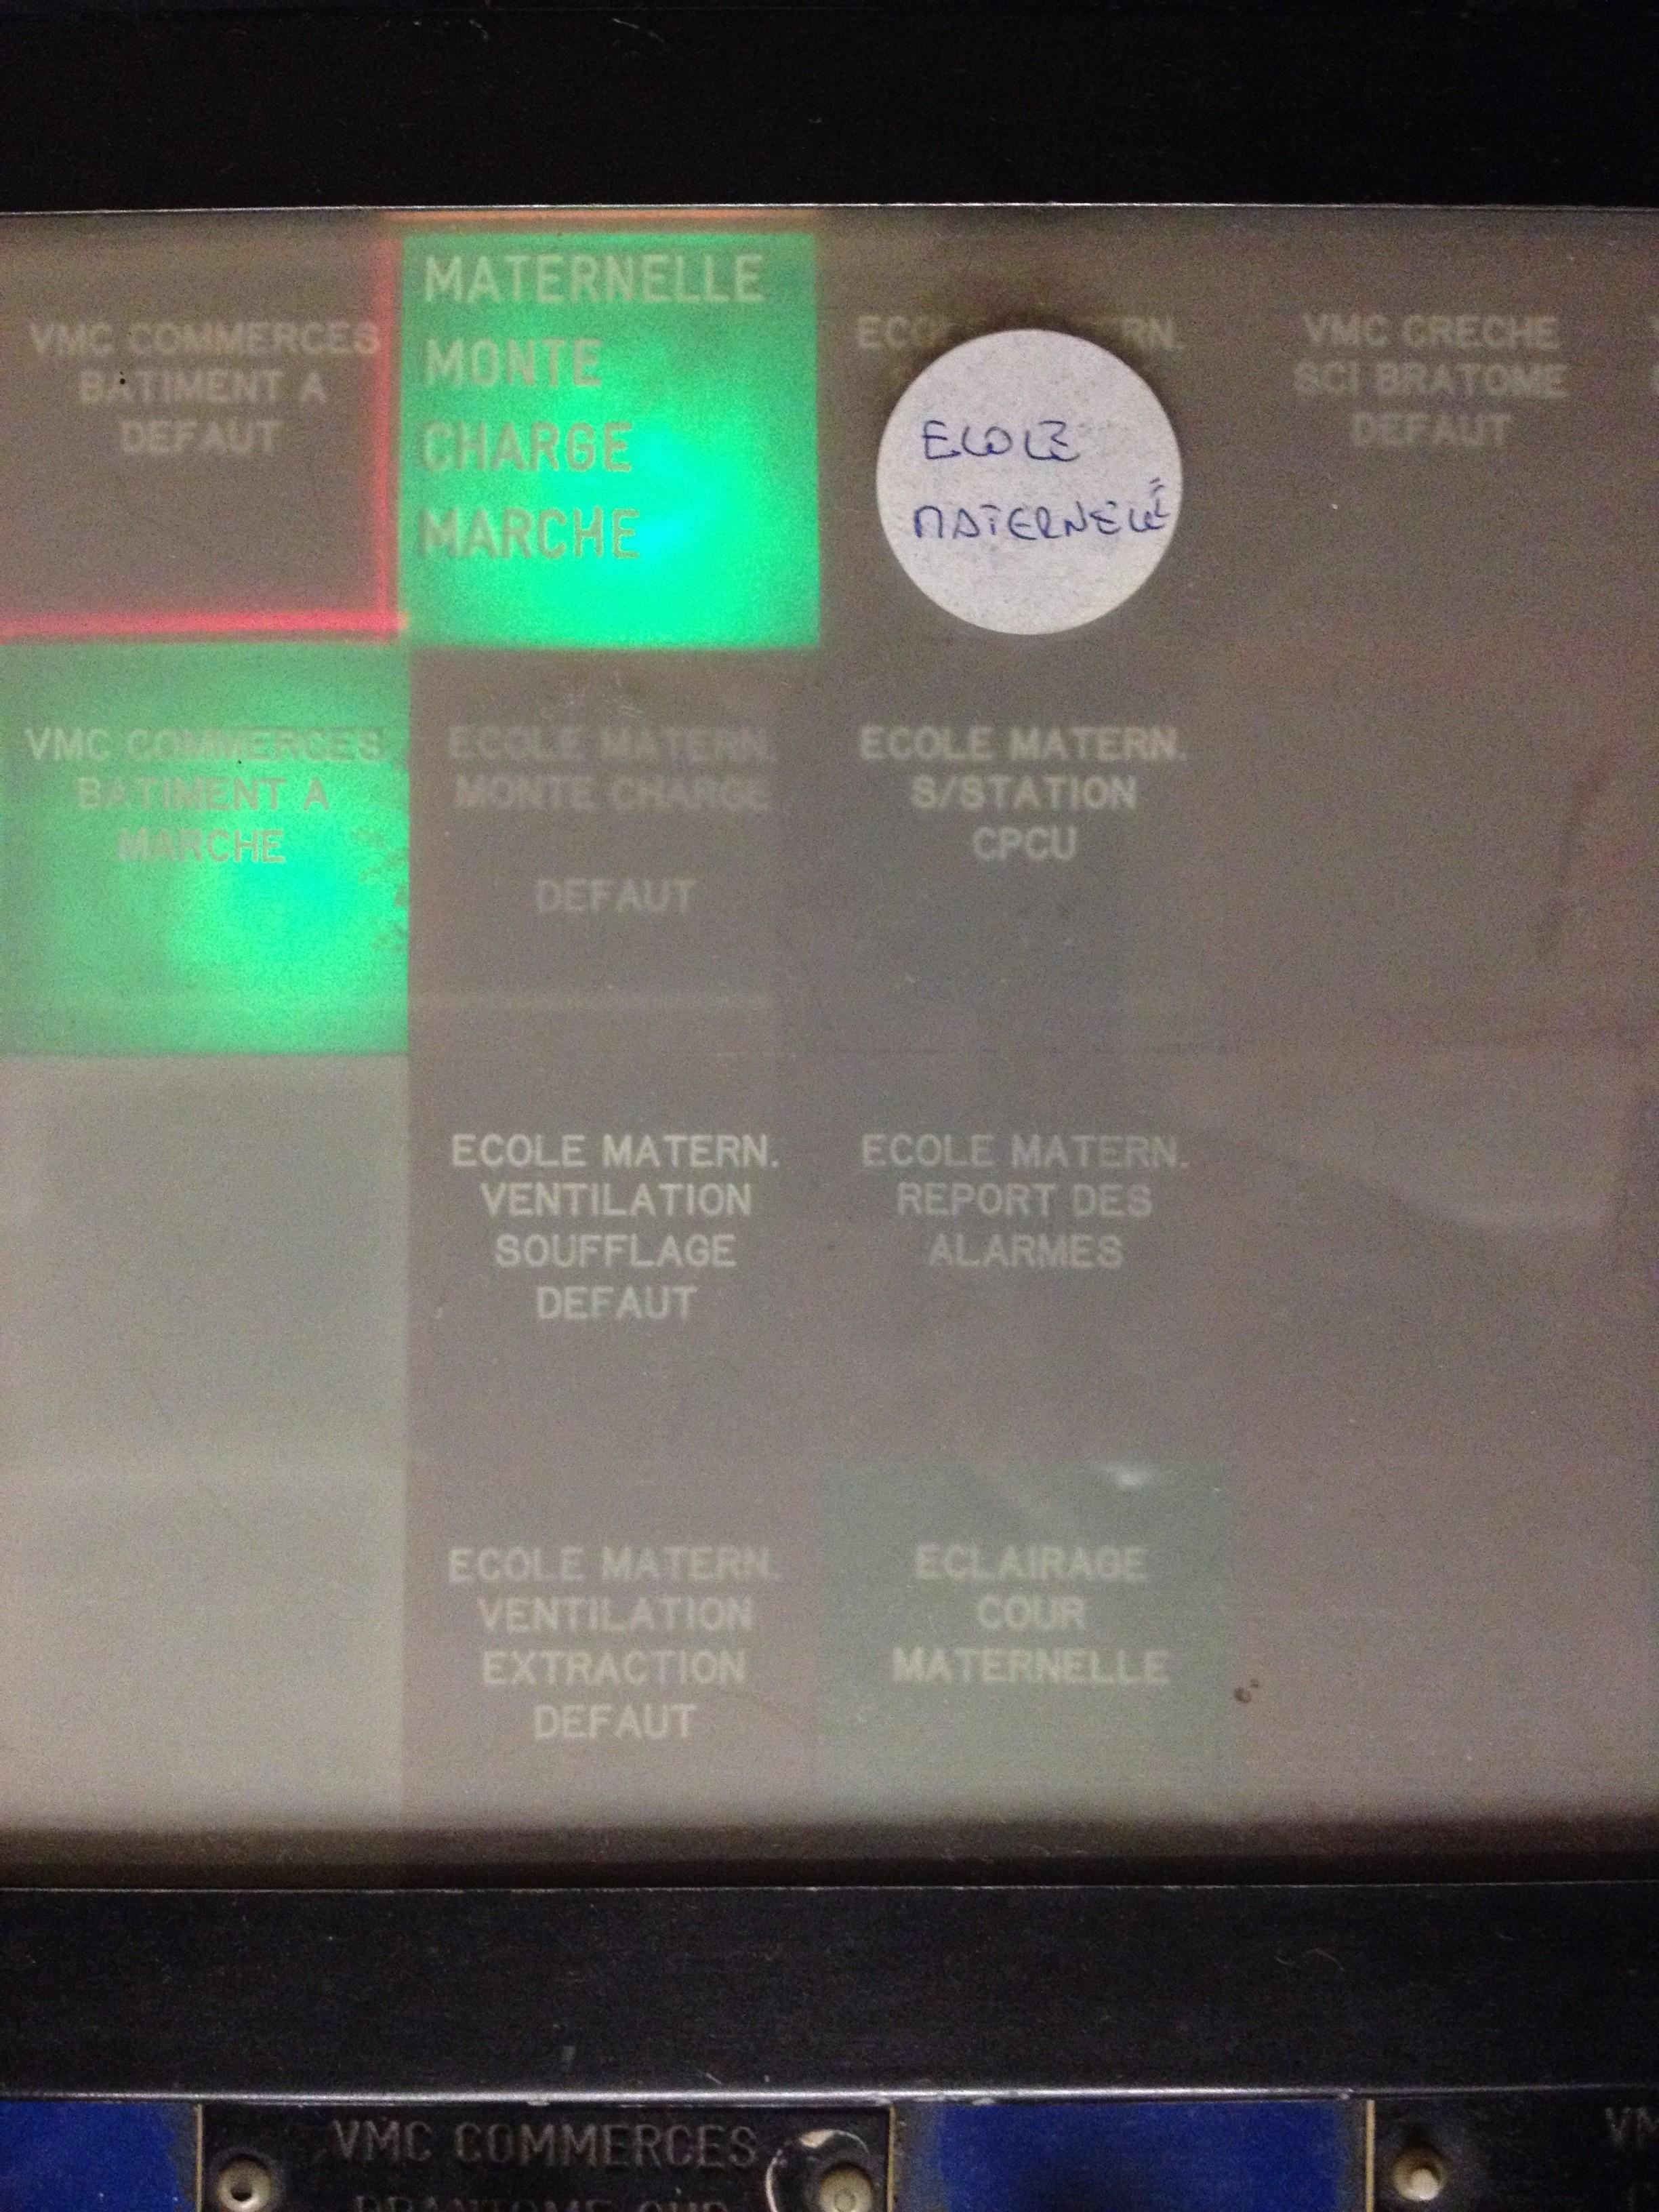 Voyants lumineux de surveillance des équipements privés de la Ville de Paris situés dans les locaux de l'ASL. Les alarmes en défaut s'allument en rouge afin de signaler un dysfonctionnement d'un appareil (monte-charge, ventilation, etc.)